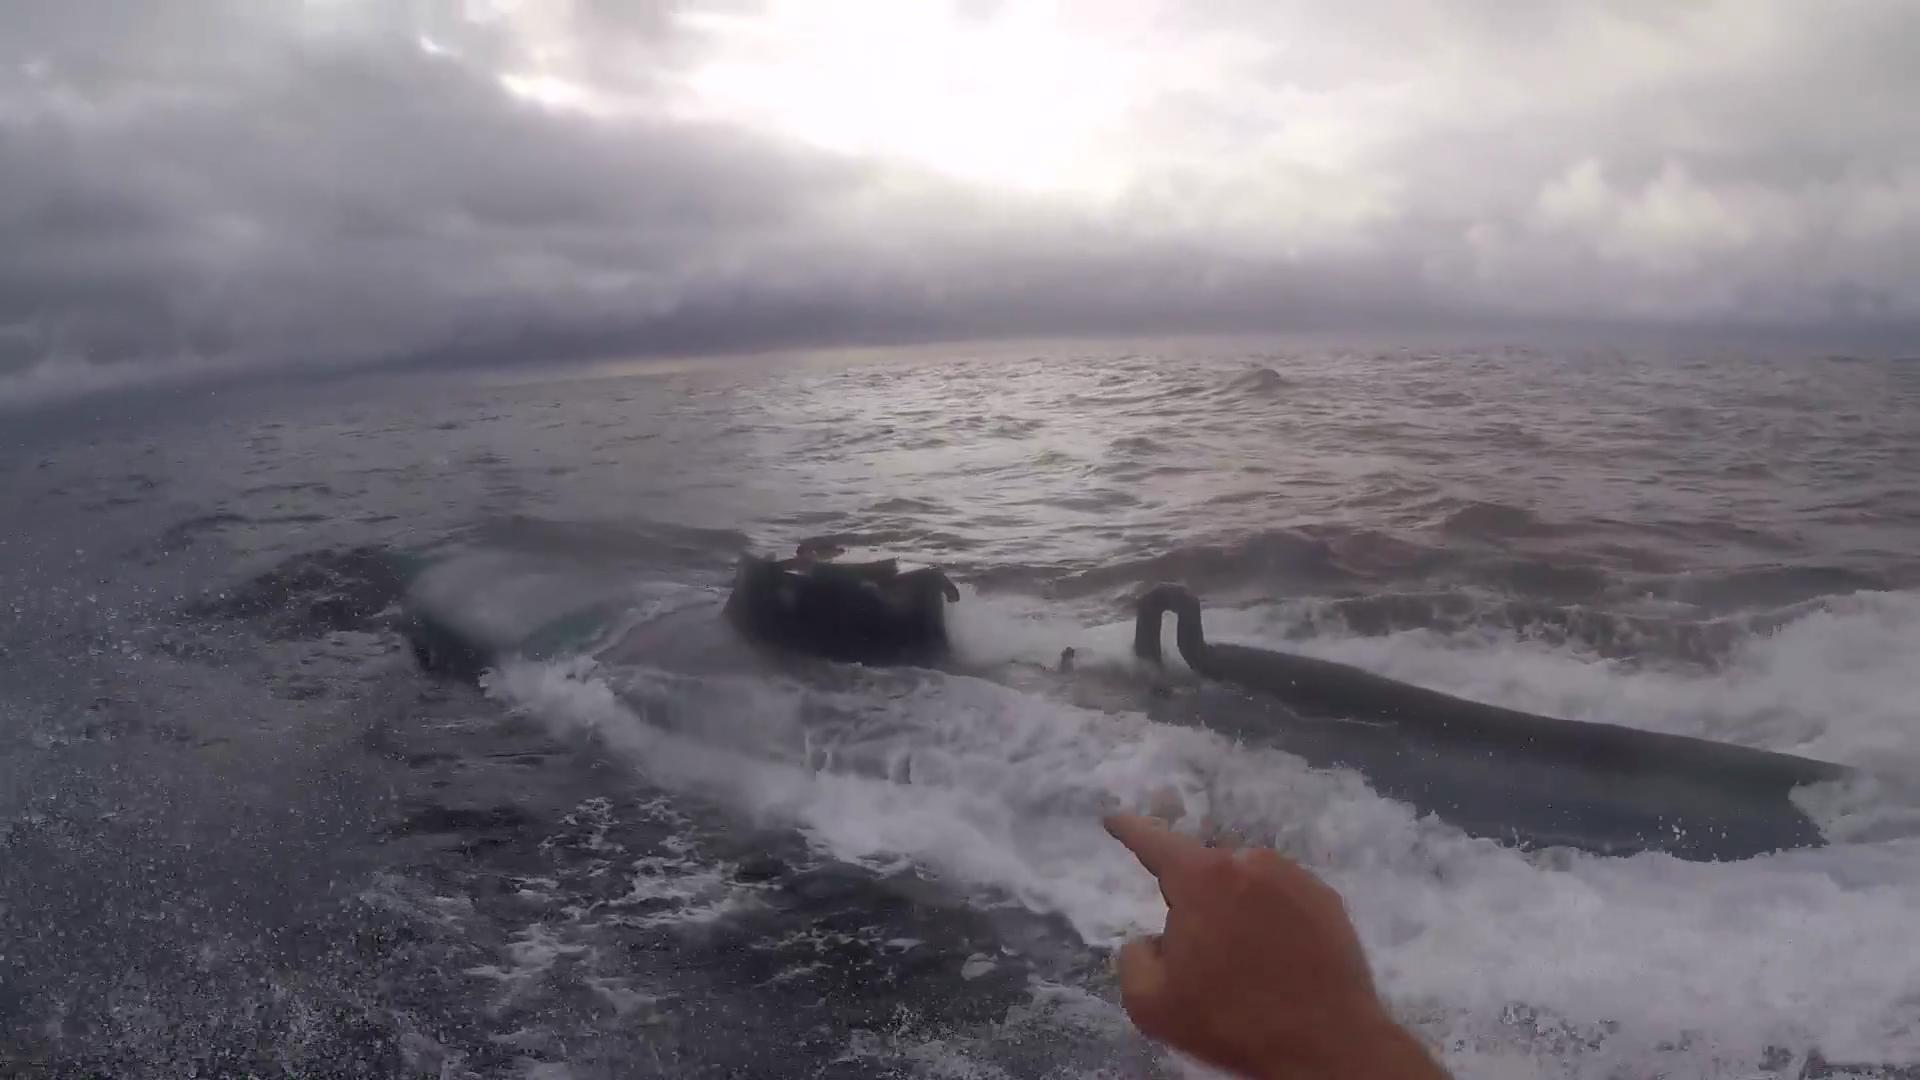 Guardia Costiera assalta sottomarino narcos in movimento